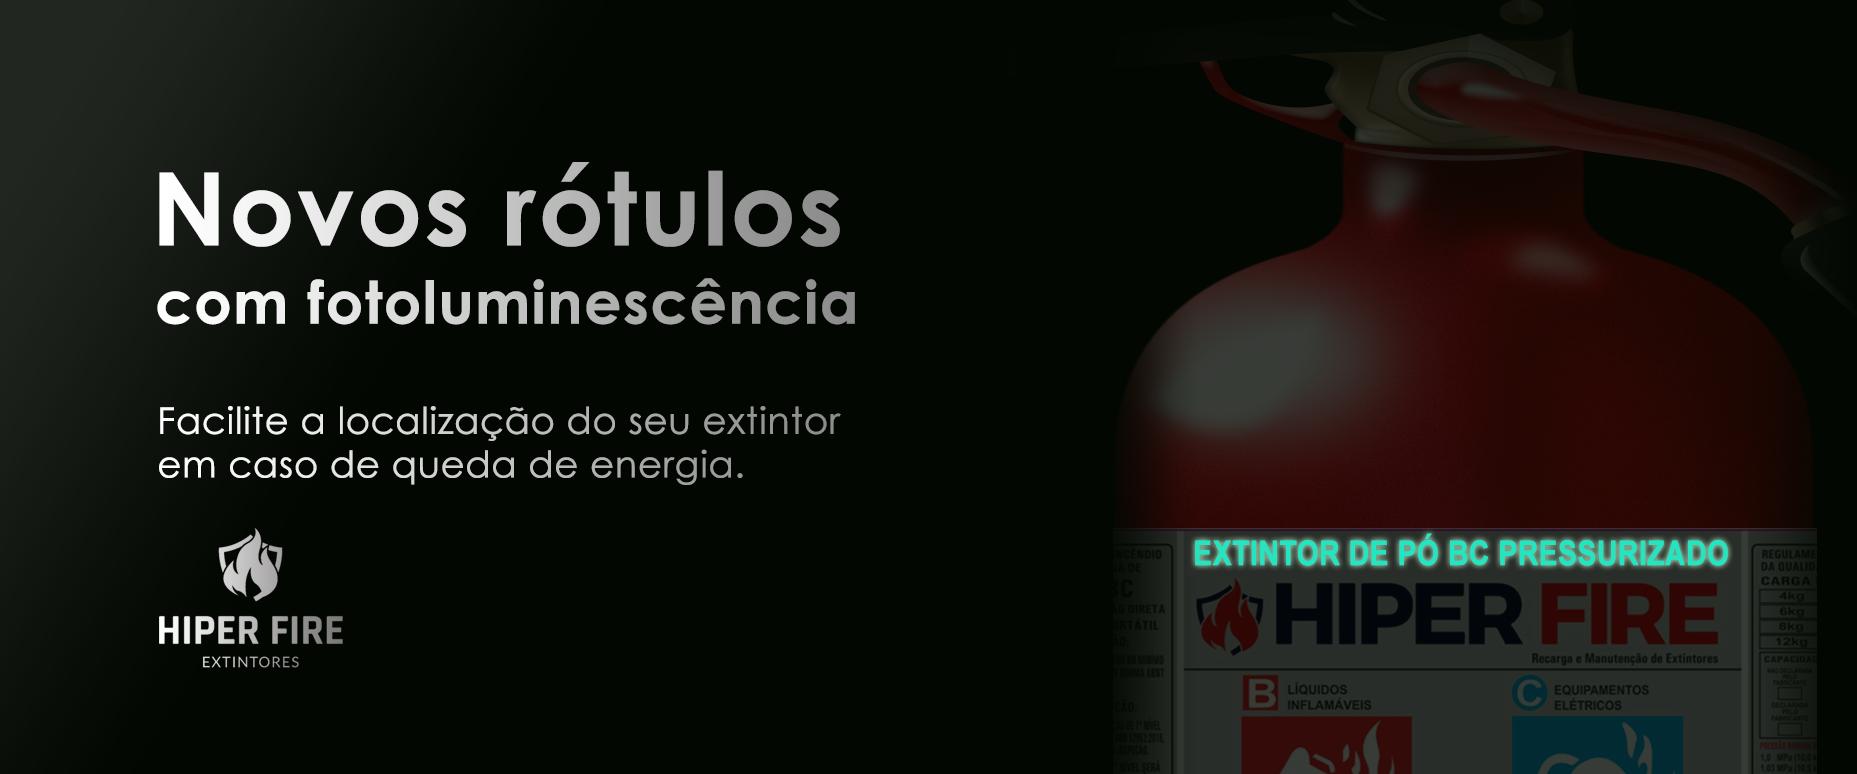 Hiper Fire Extintores - Extintores de Incêndio SP